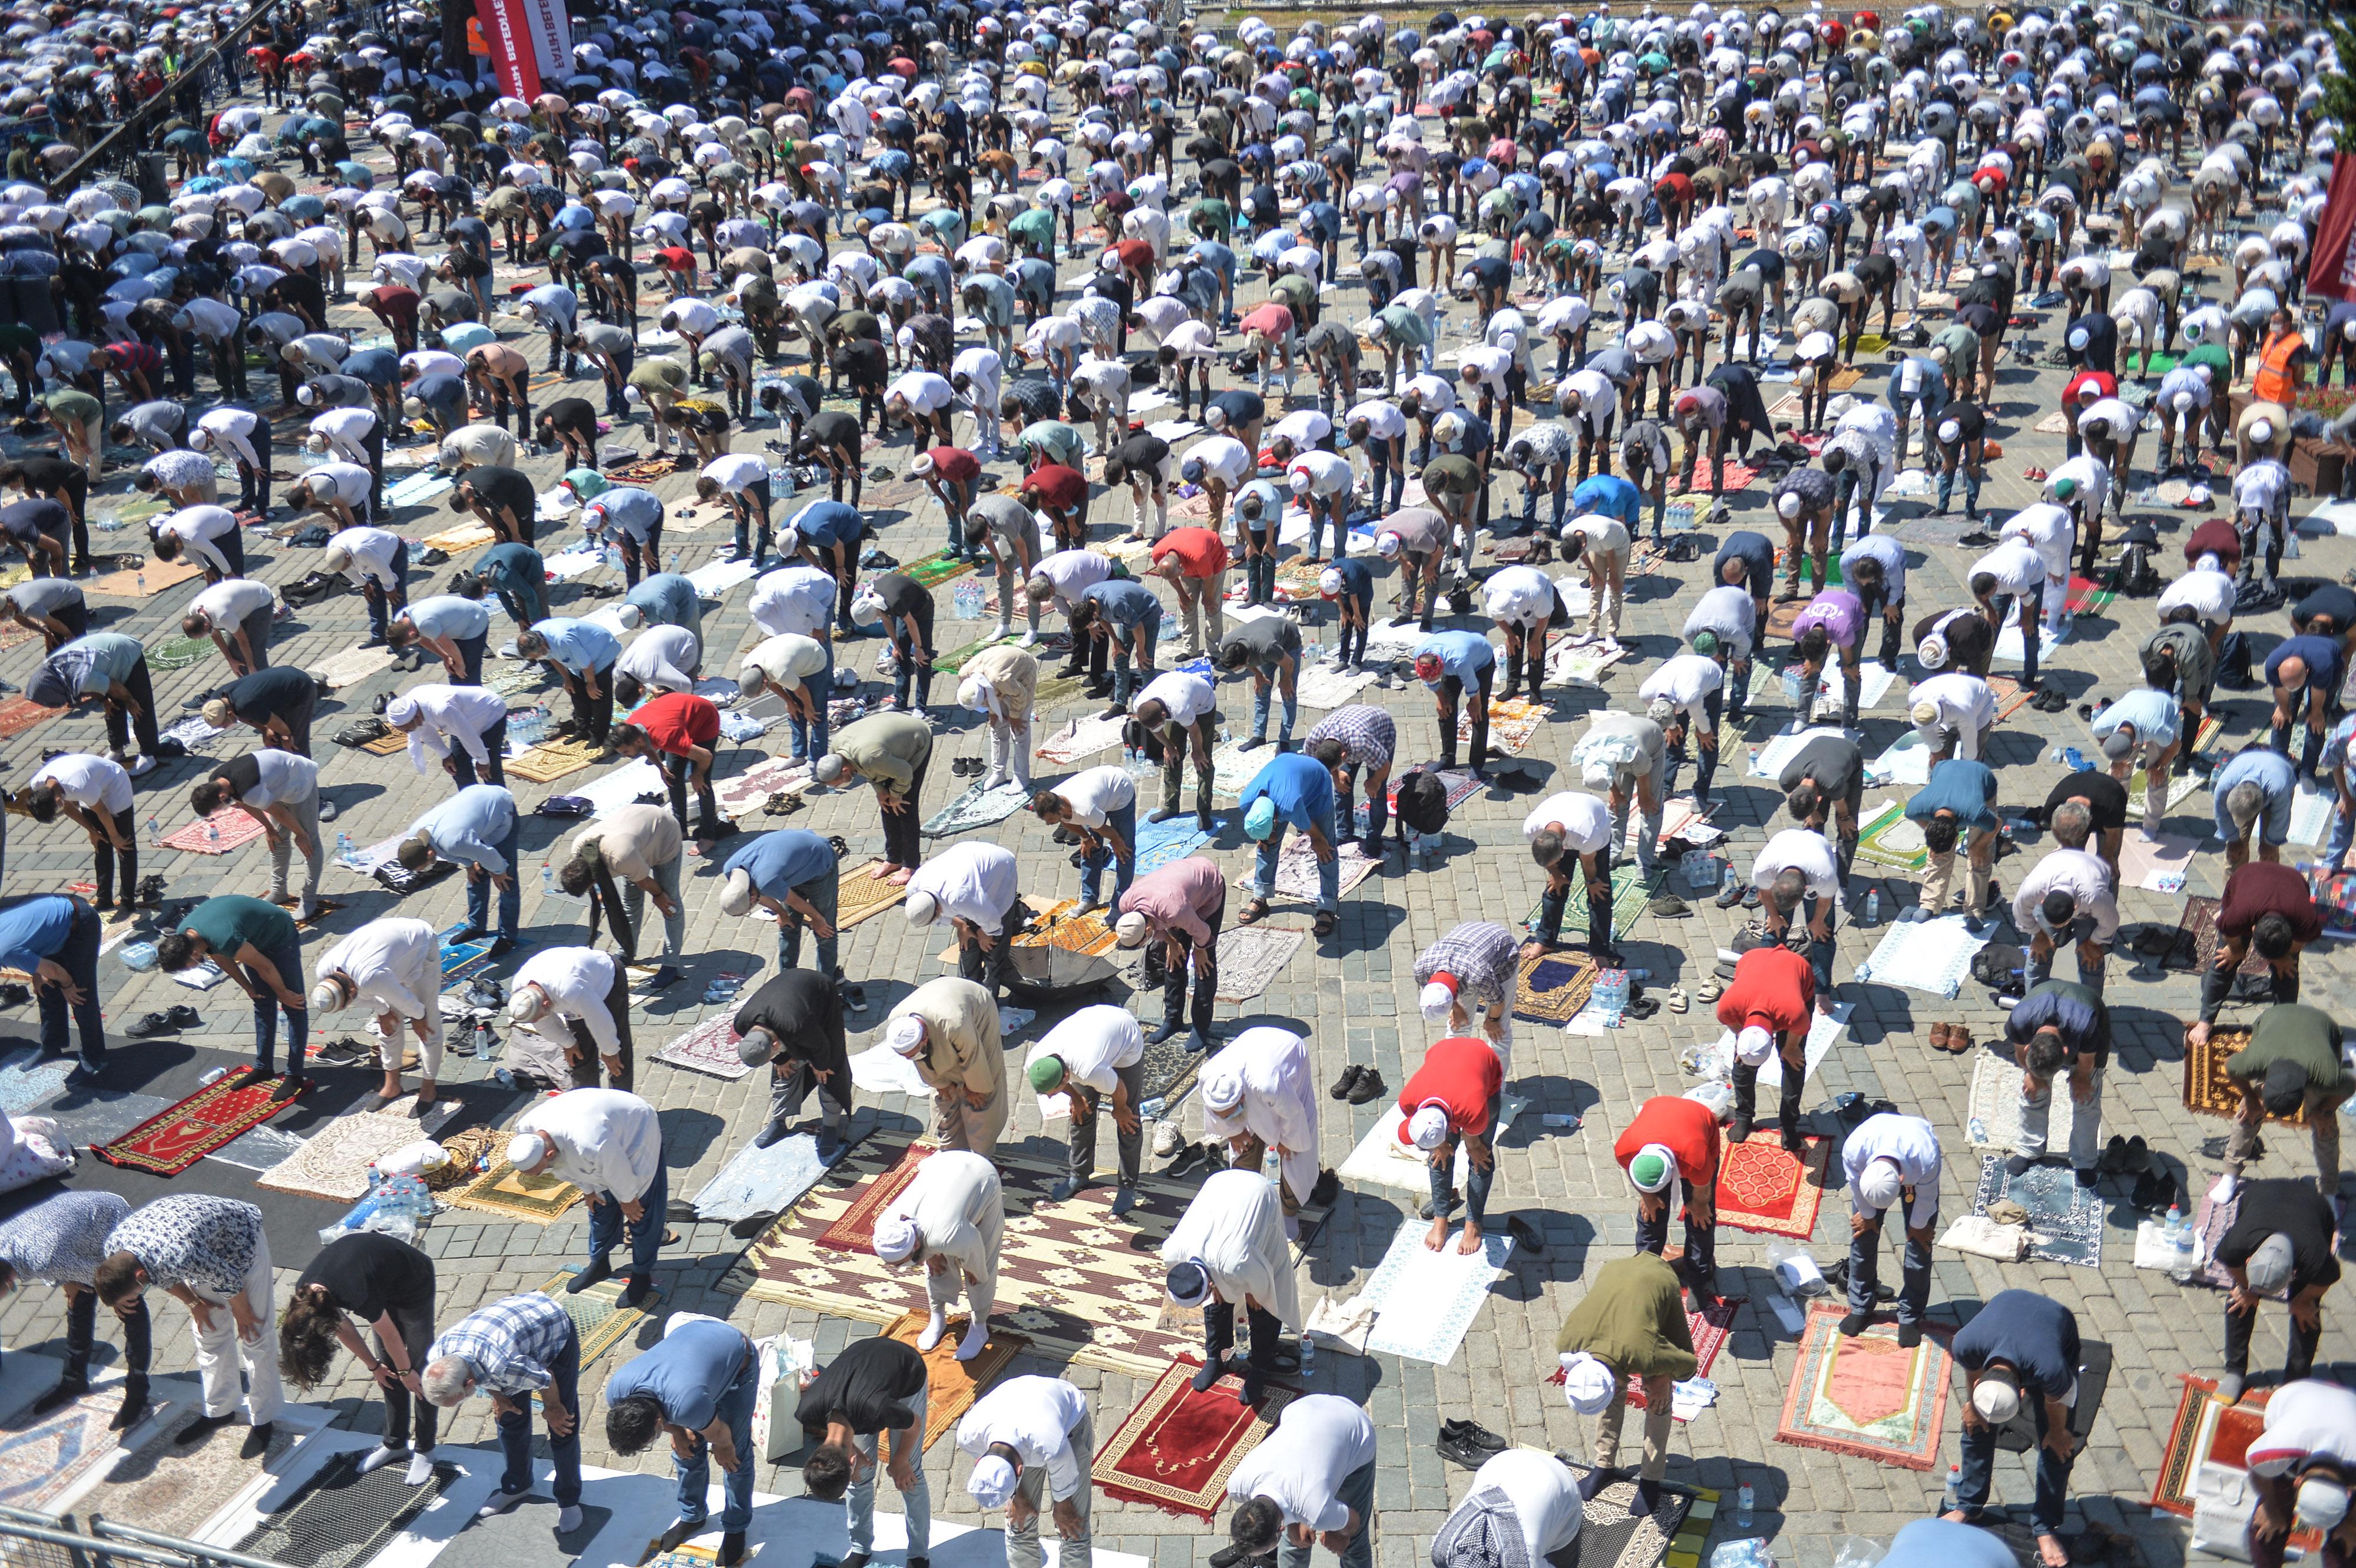 Ayasofya'da 86 yıl sonra ilk kez kılınan namaza 350 bin kişi katıldı; Erdoğan Kur'an-ı Kerim okudu, Diyanet İşleri Başkanı kılıçla hutbe okudu